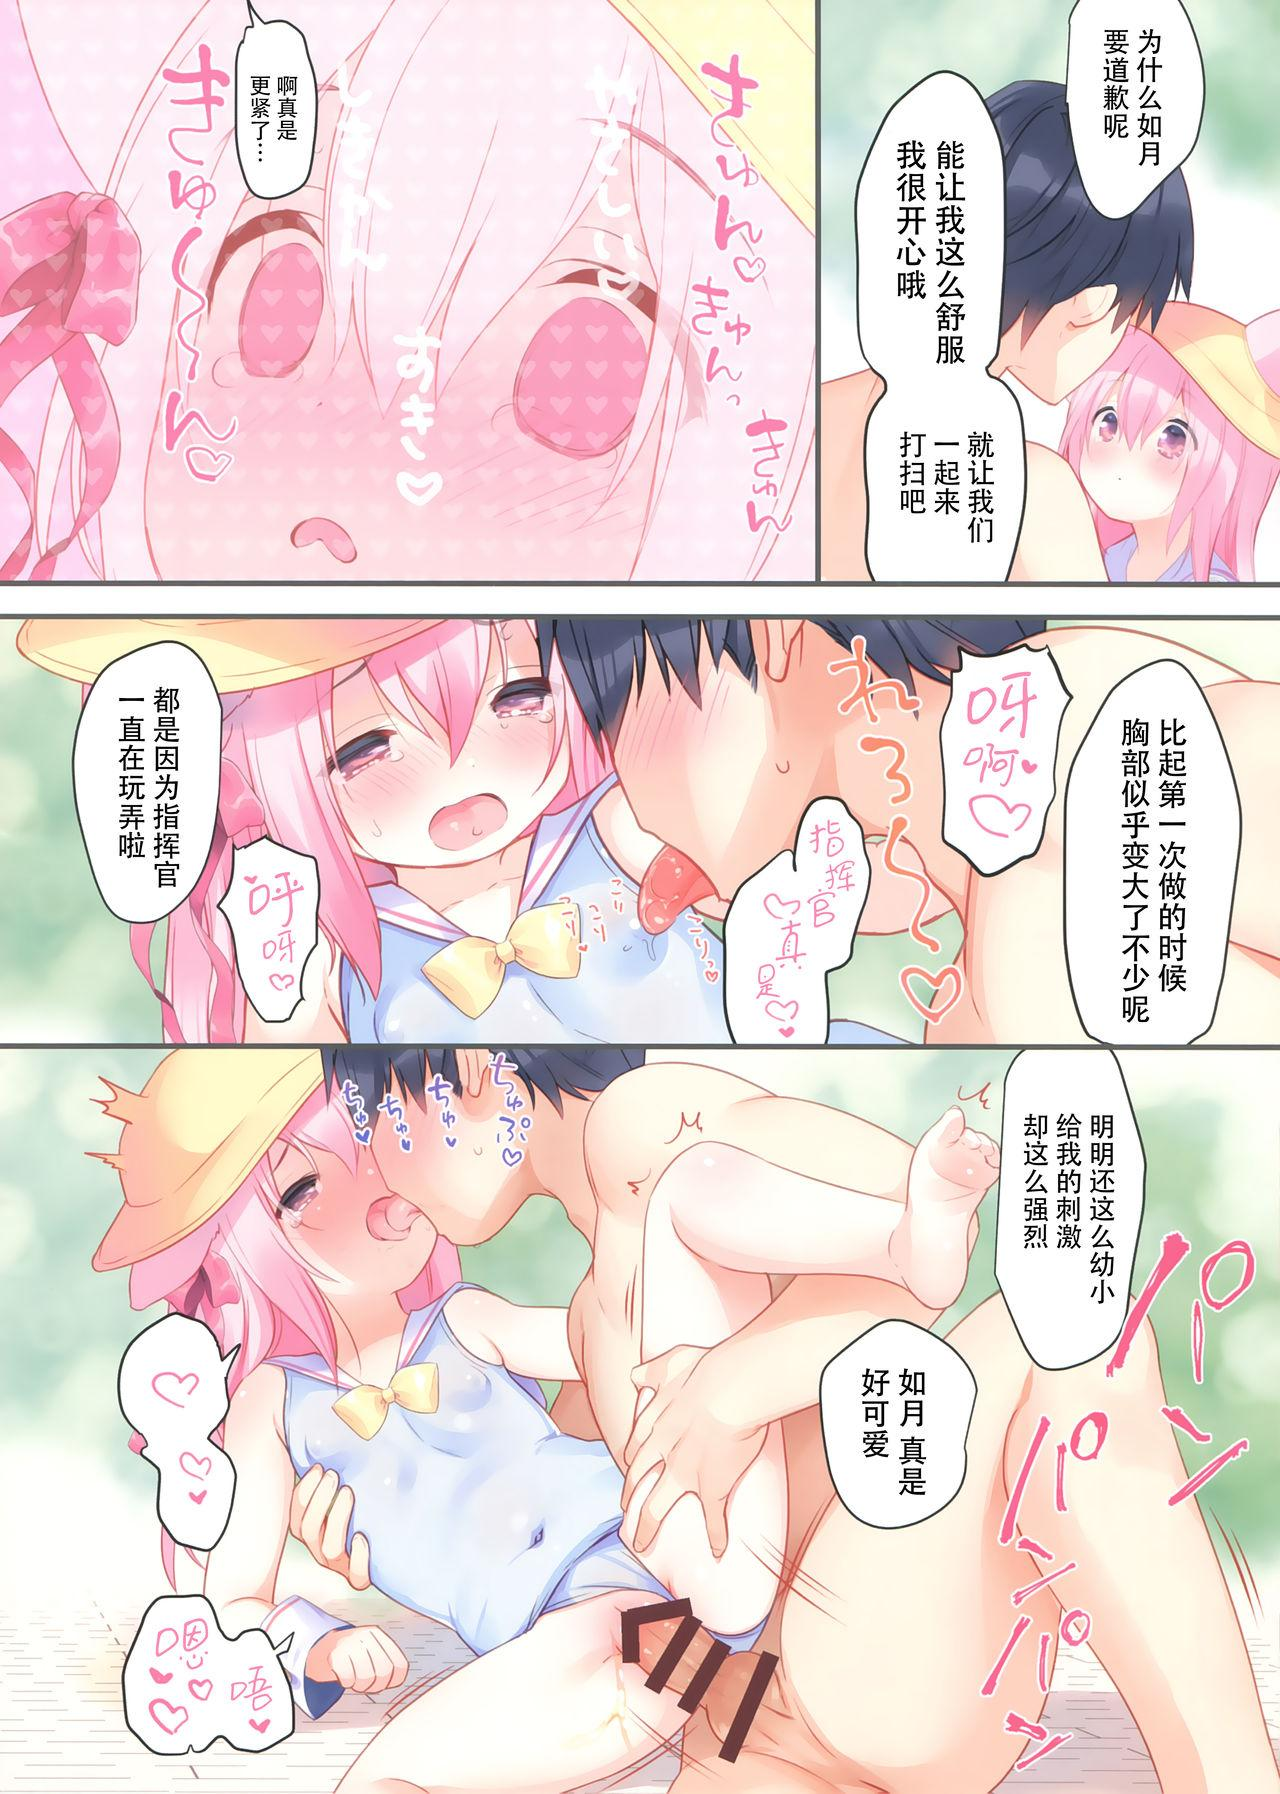 (Mimiket 40) [PiyoPit (Piyodera Mucha)] Kisaragi-chan wa Kawaisou ja Nai! - Kisaragi-chan is not pitiful! (Azur Lane) [Chinese] [水寒汉化] 10